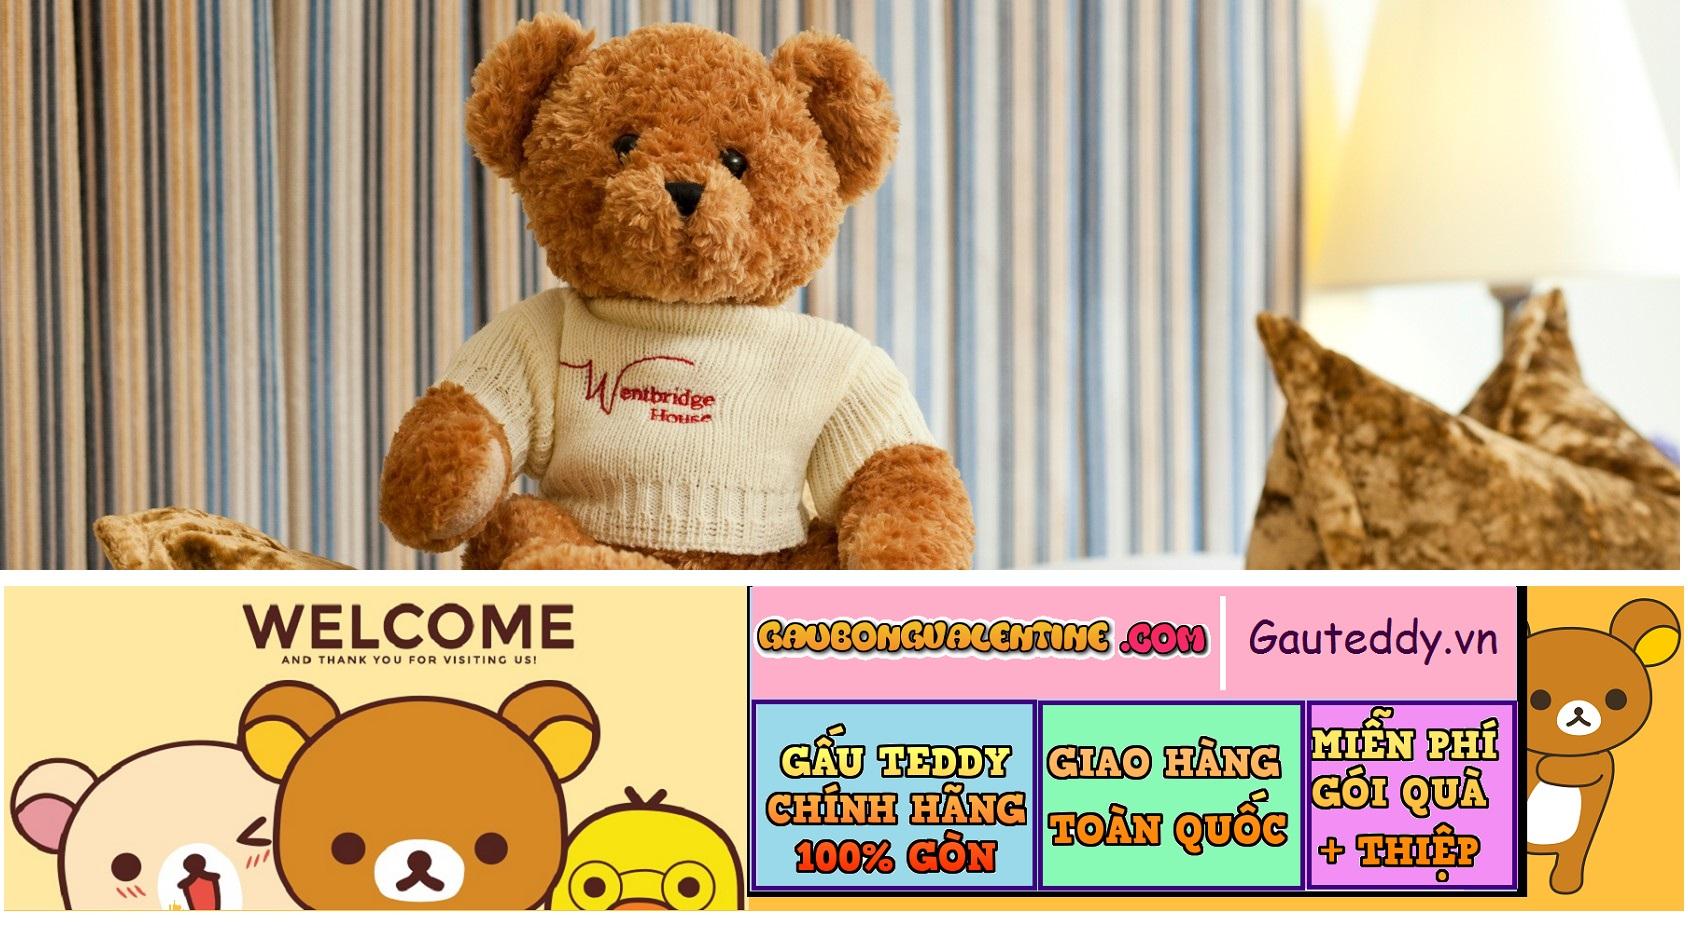 Gấu Teddy - Gauteddy.vn shop Chuyên GẤU BÔNG ĐẸP , Size To , Thú Bông Nhập Khẩu 100% GÒN tại TP.HCM